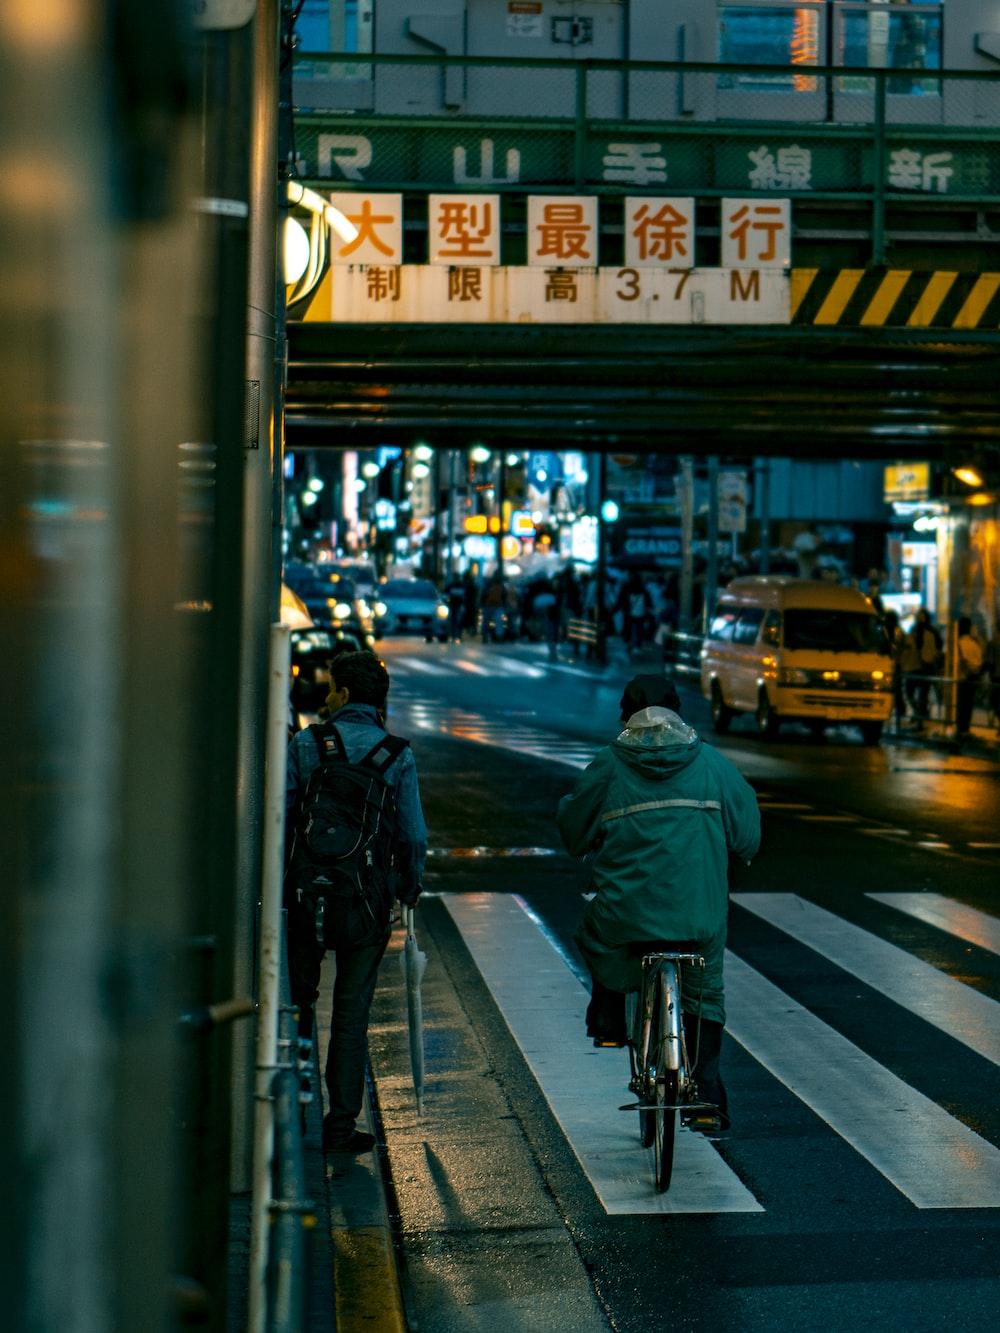 man in black jacket and black pants walking on pedestrian lane during night time